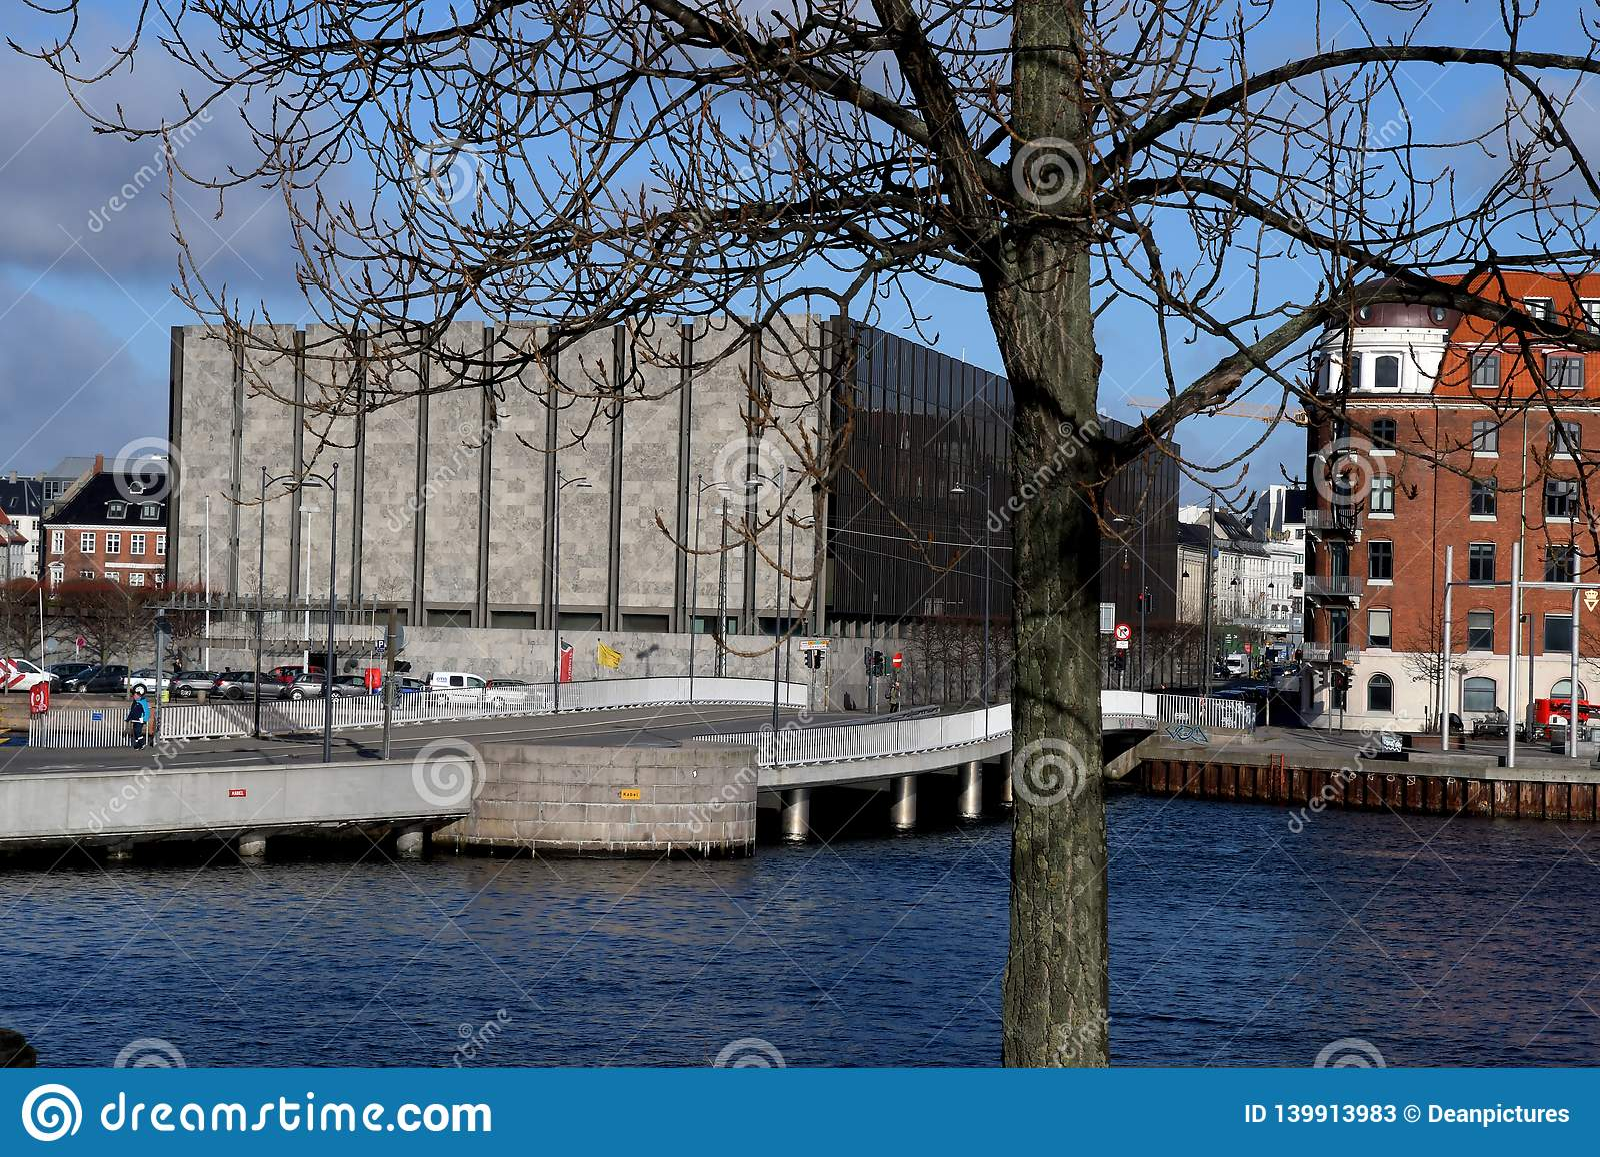 DENEMARKEN 'S NATIONAL BANK IN KOPENHAGEN DENEMARKEN